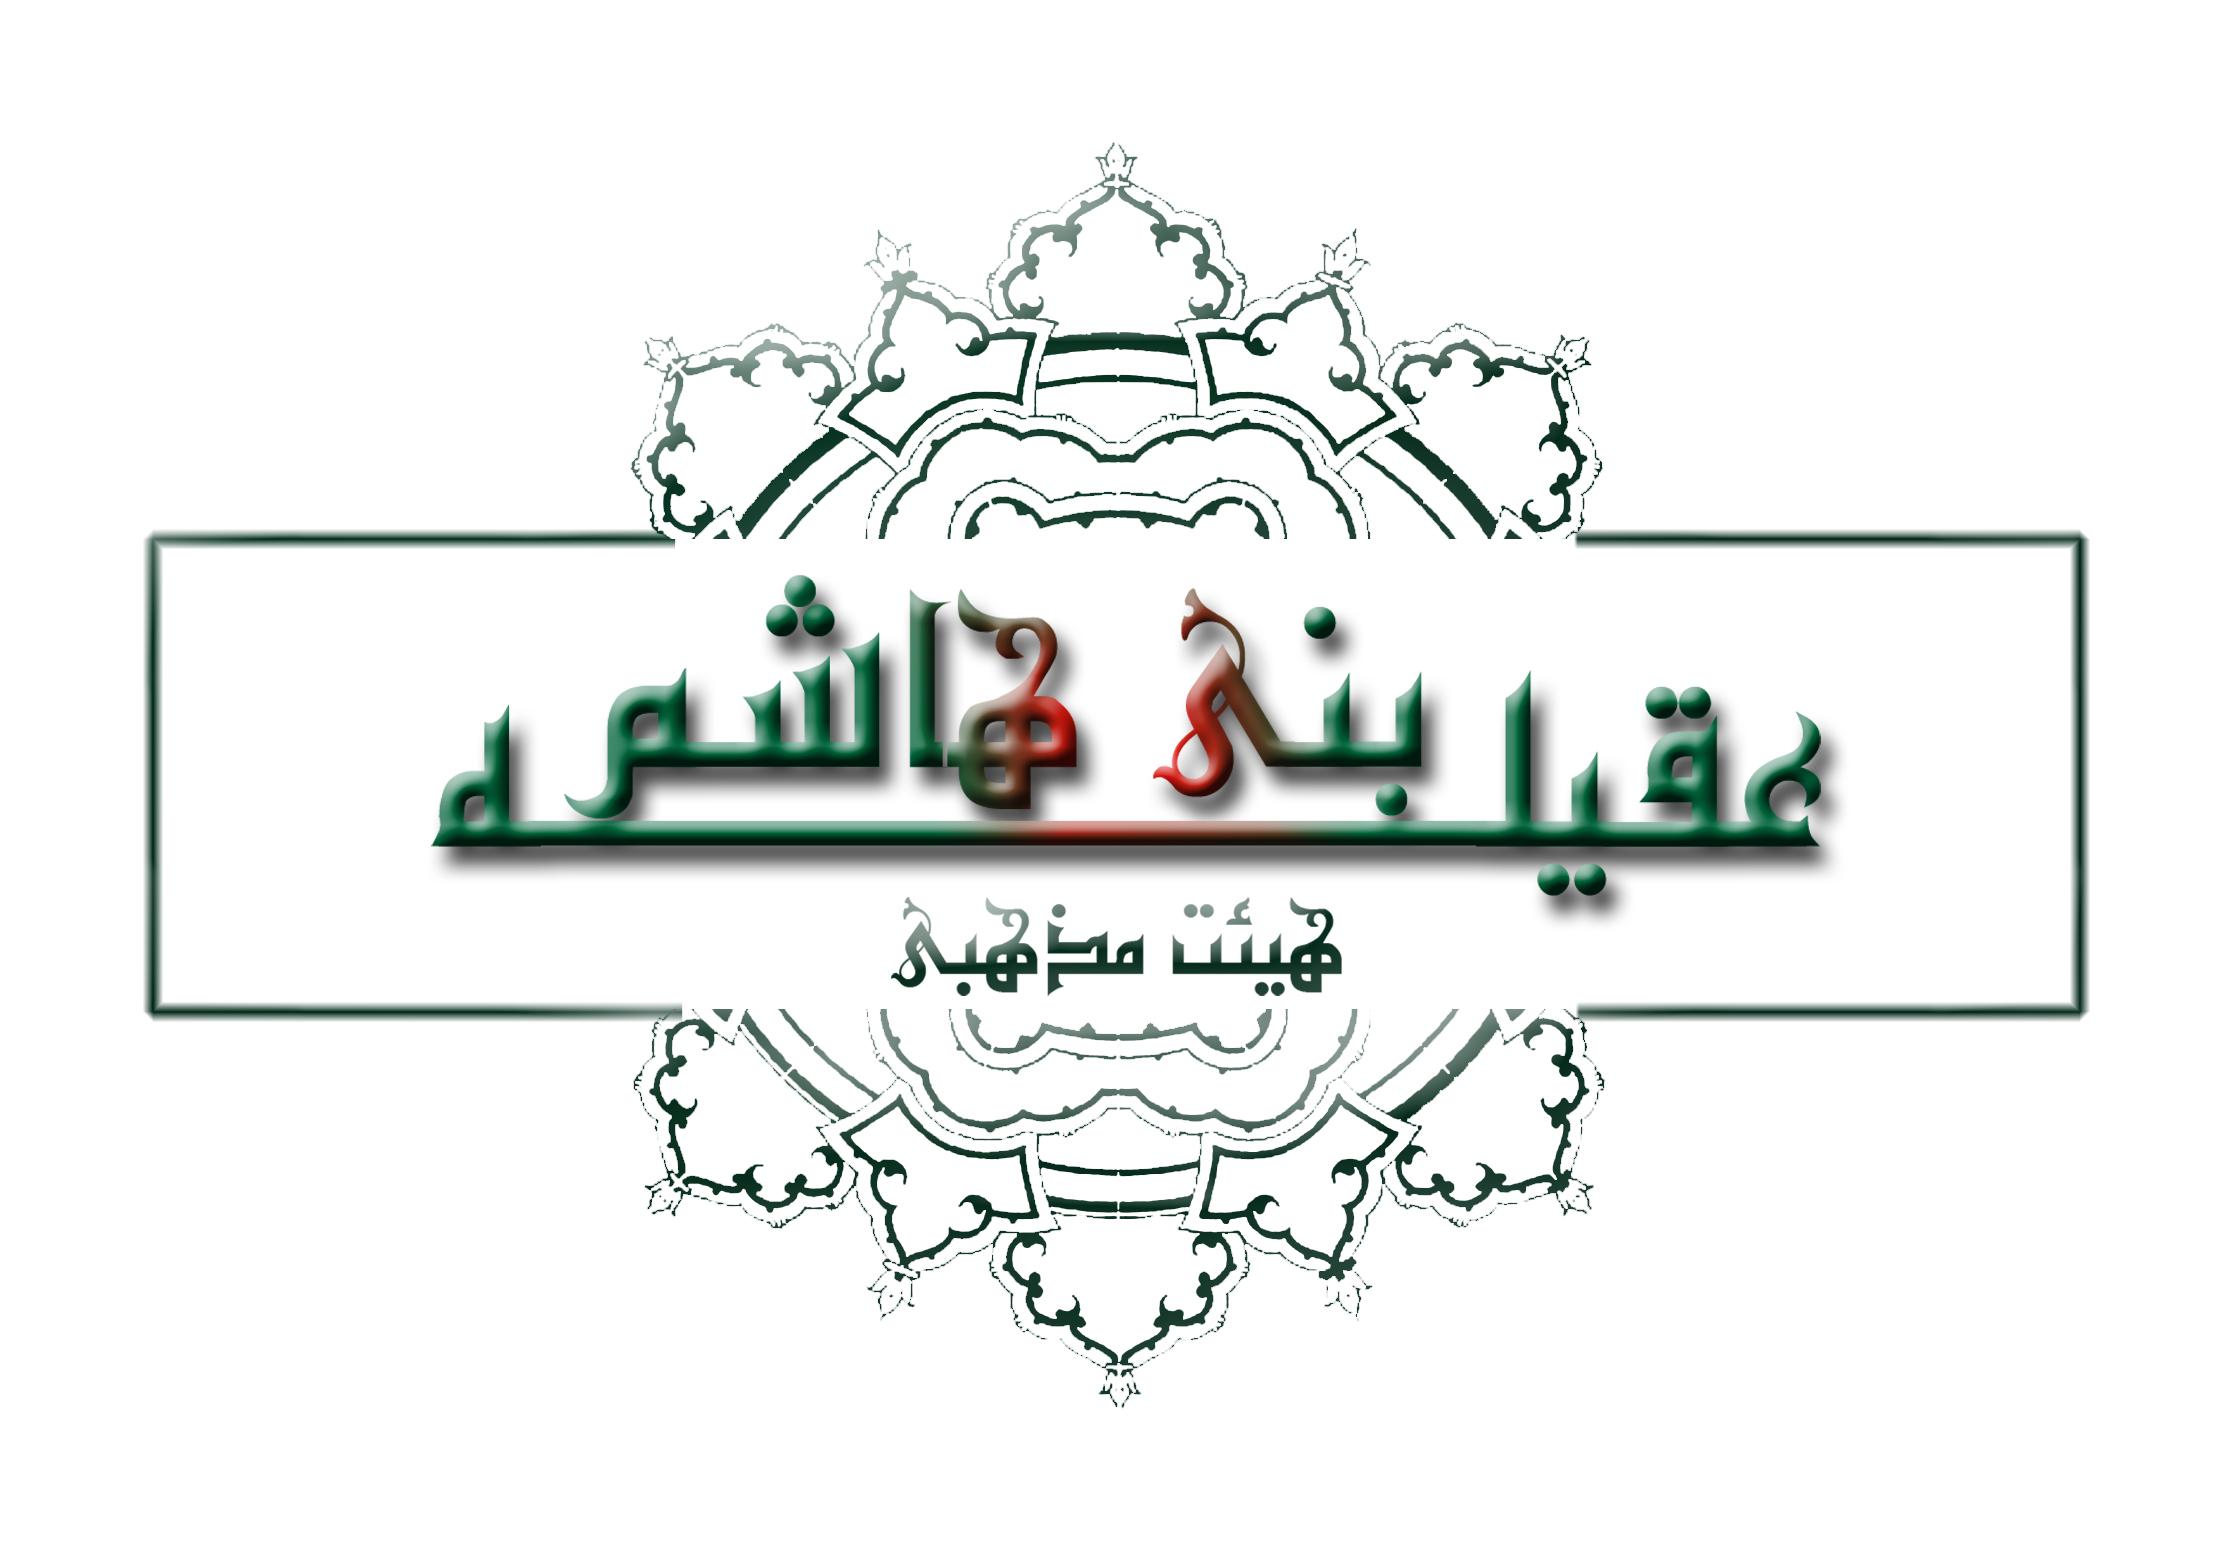 طراحي گرافيكلوگوی ...